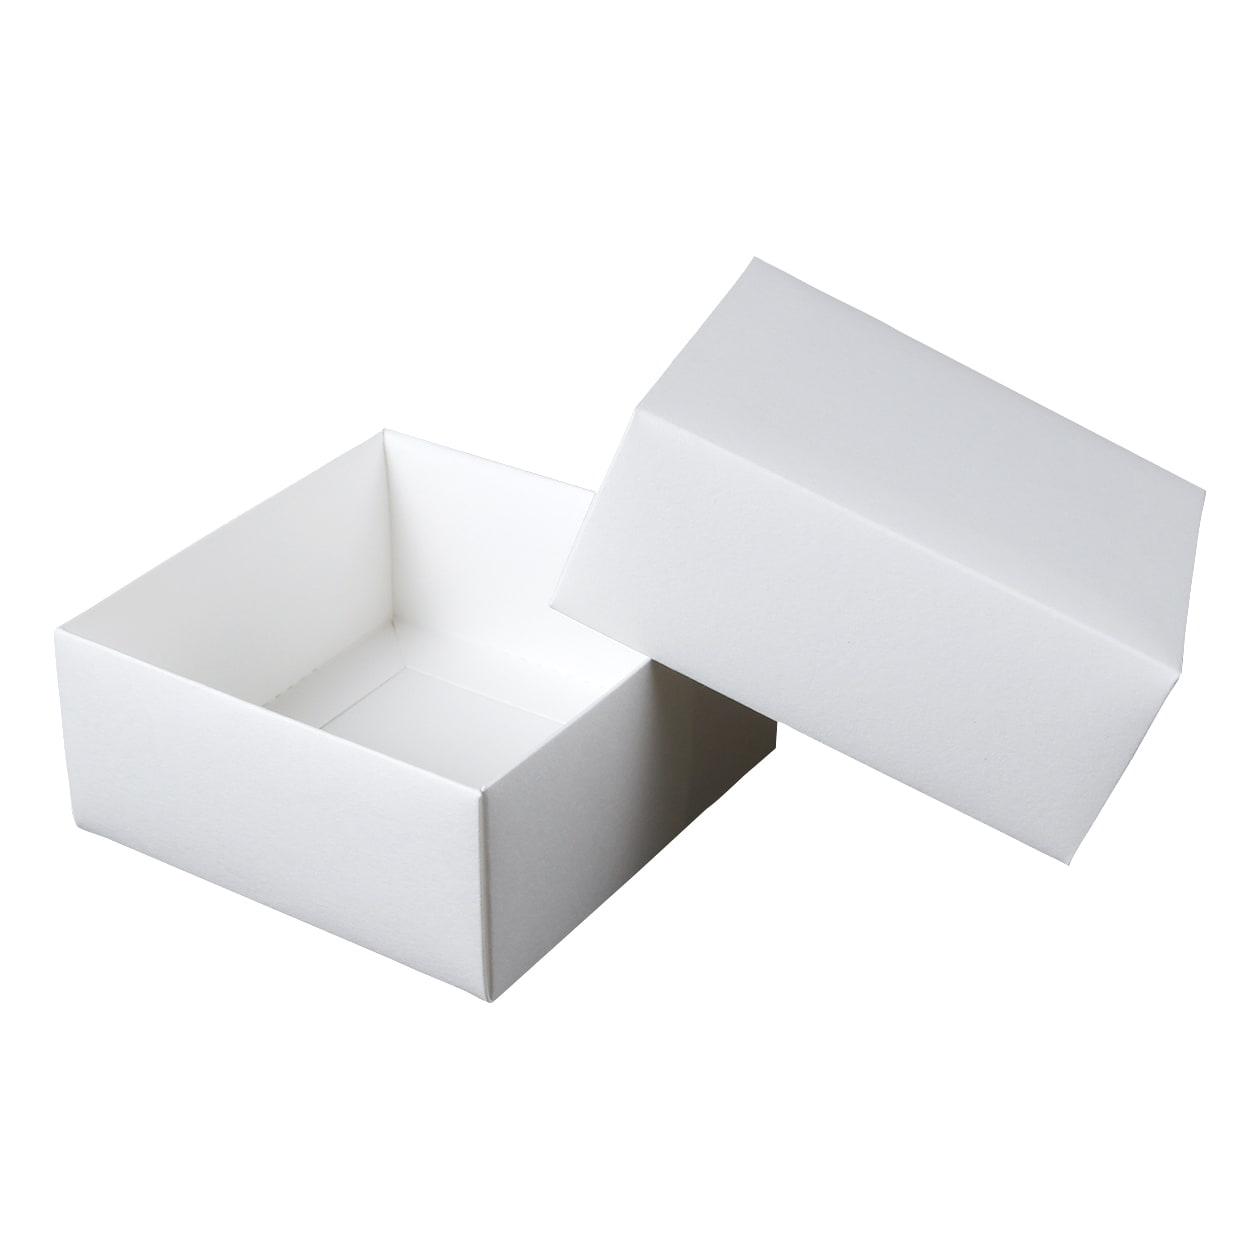 組箱 四角形84×84×38 コットン スノーホワイト 232.8g